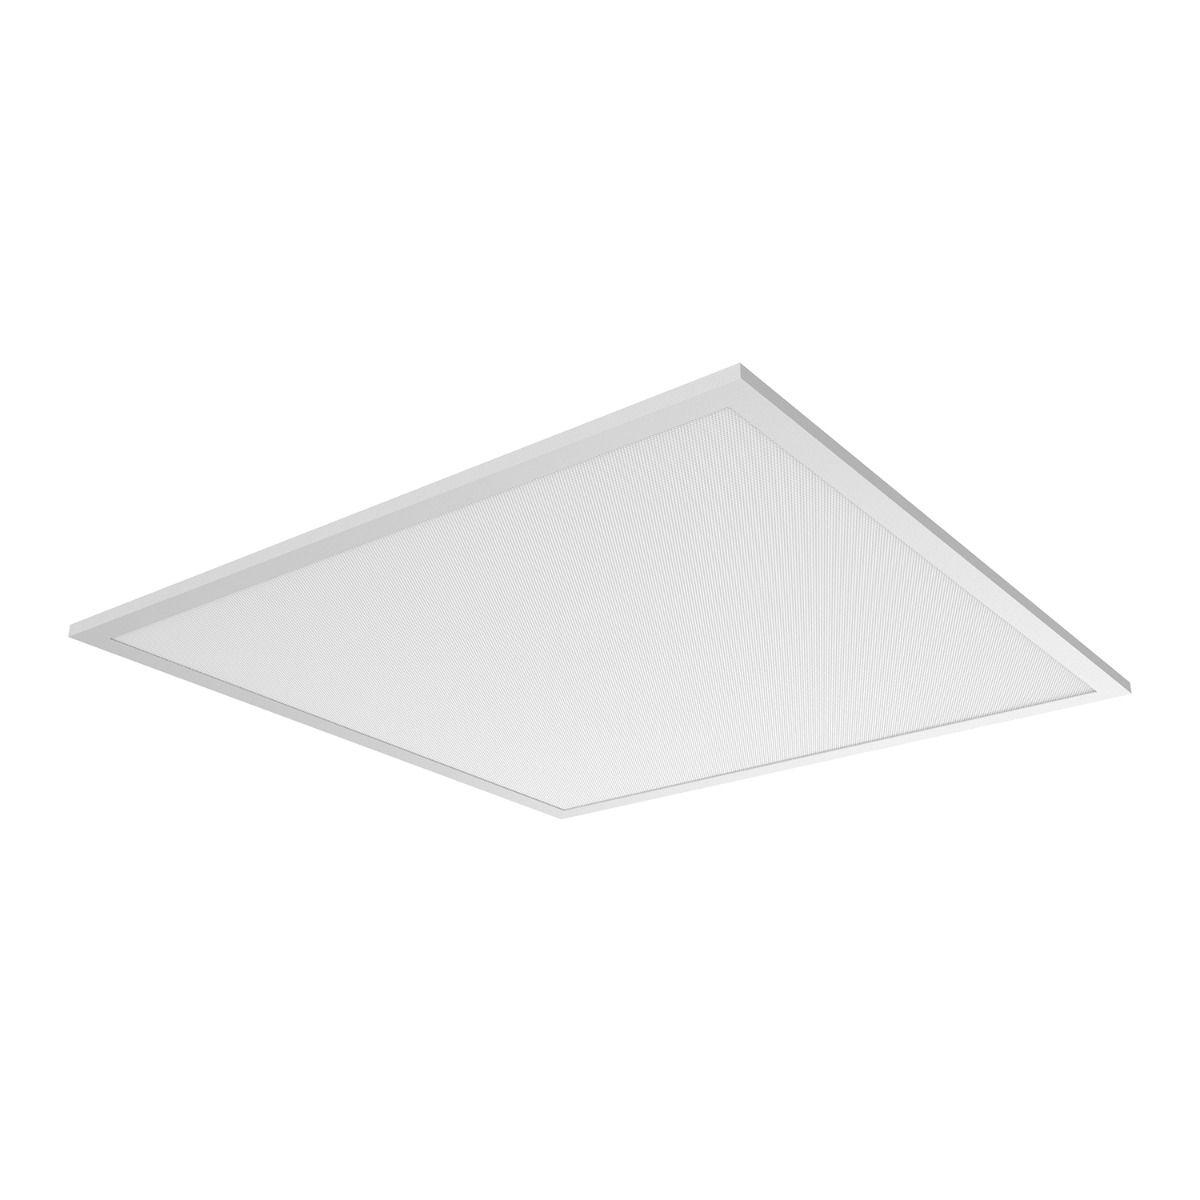 Noxion LED Panel Delta Pro V3 Highlum 36W 4000K 5500lm 60x60cm UGR <19 | Replacer for 4x18W